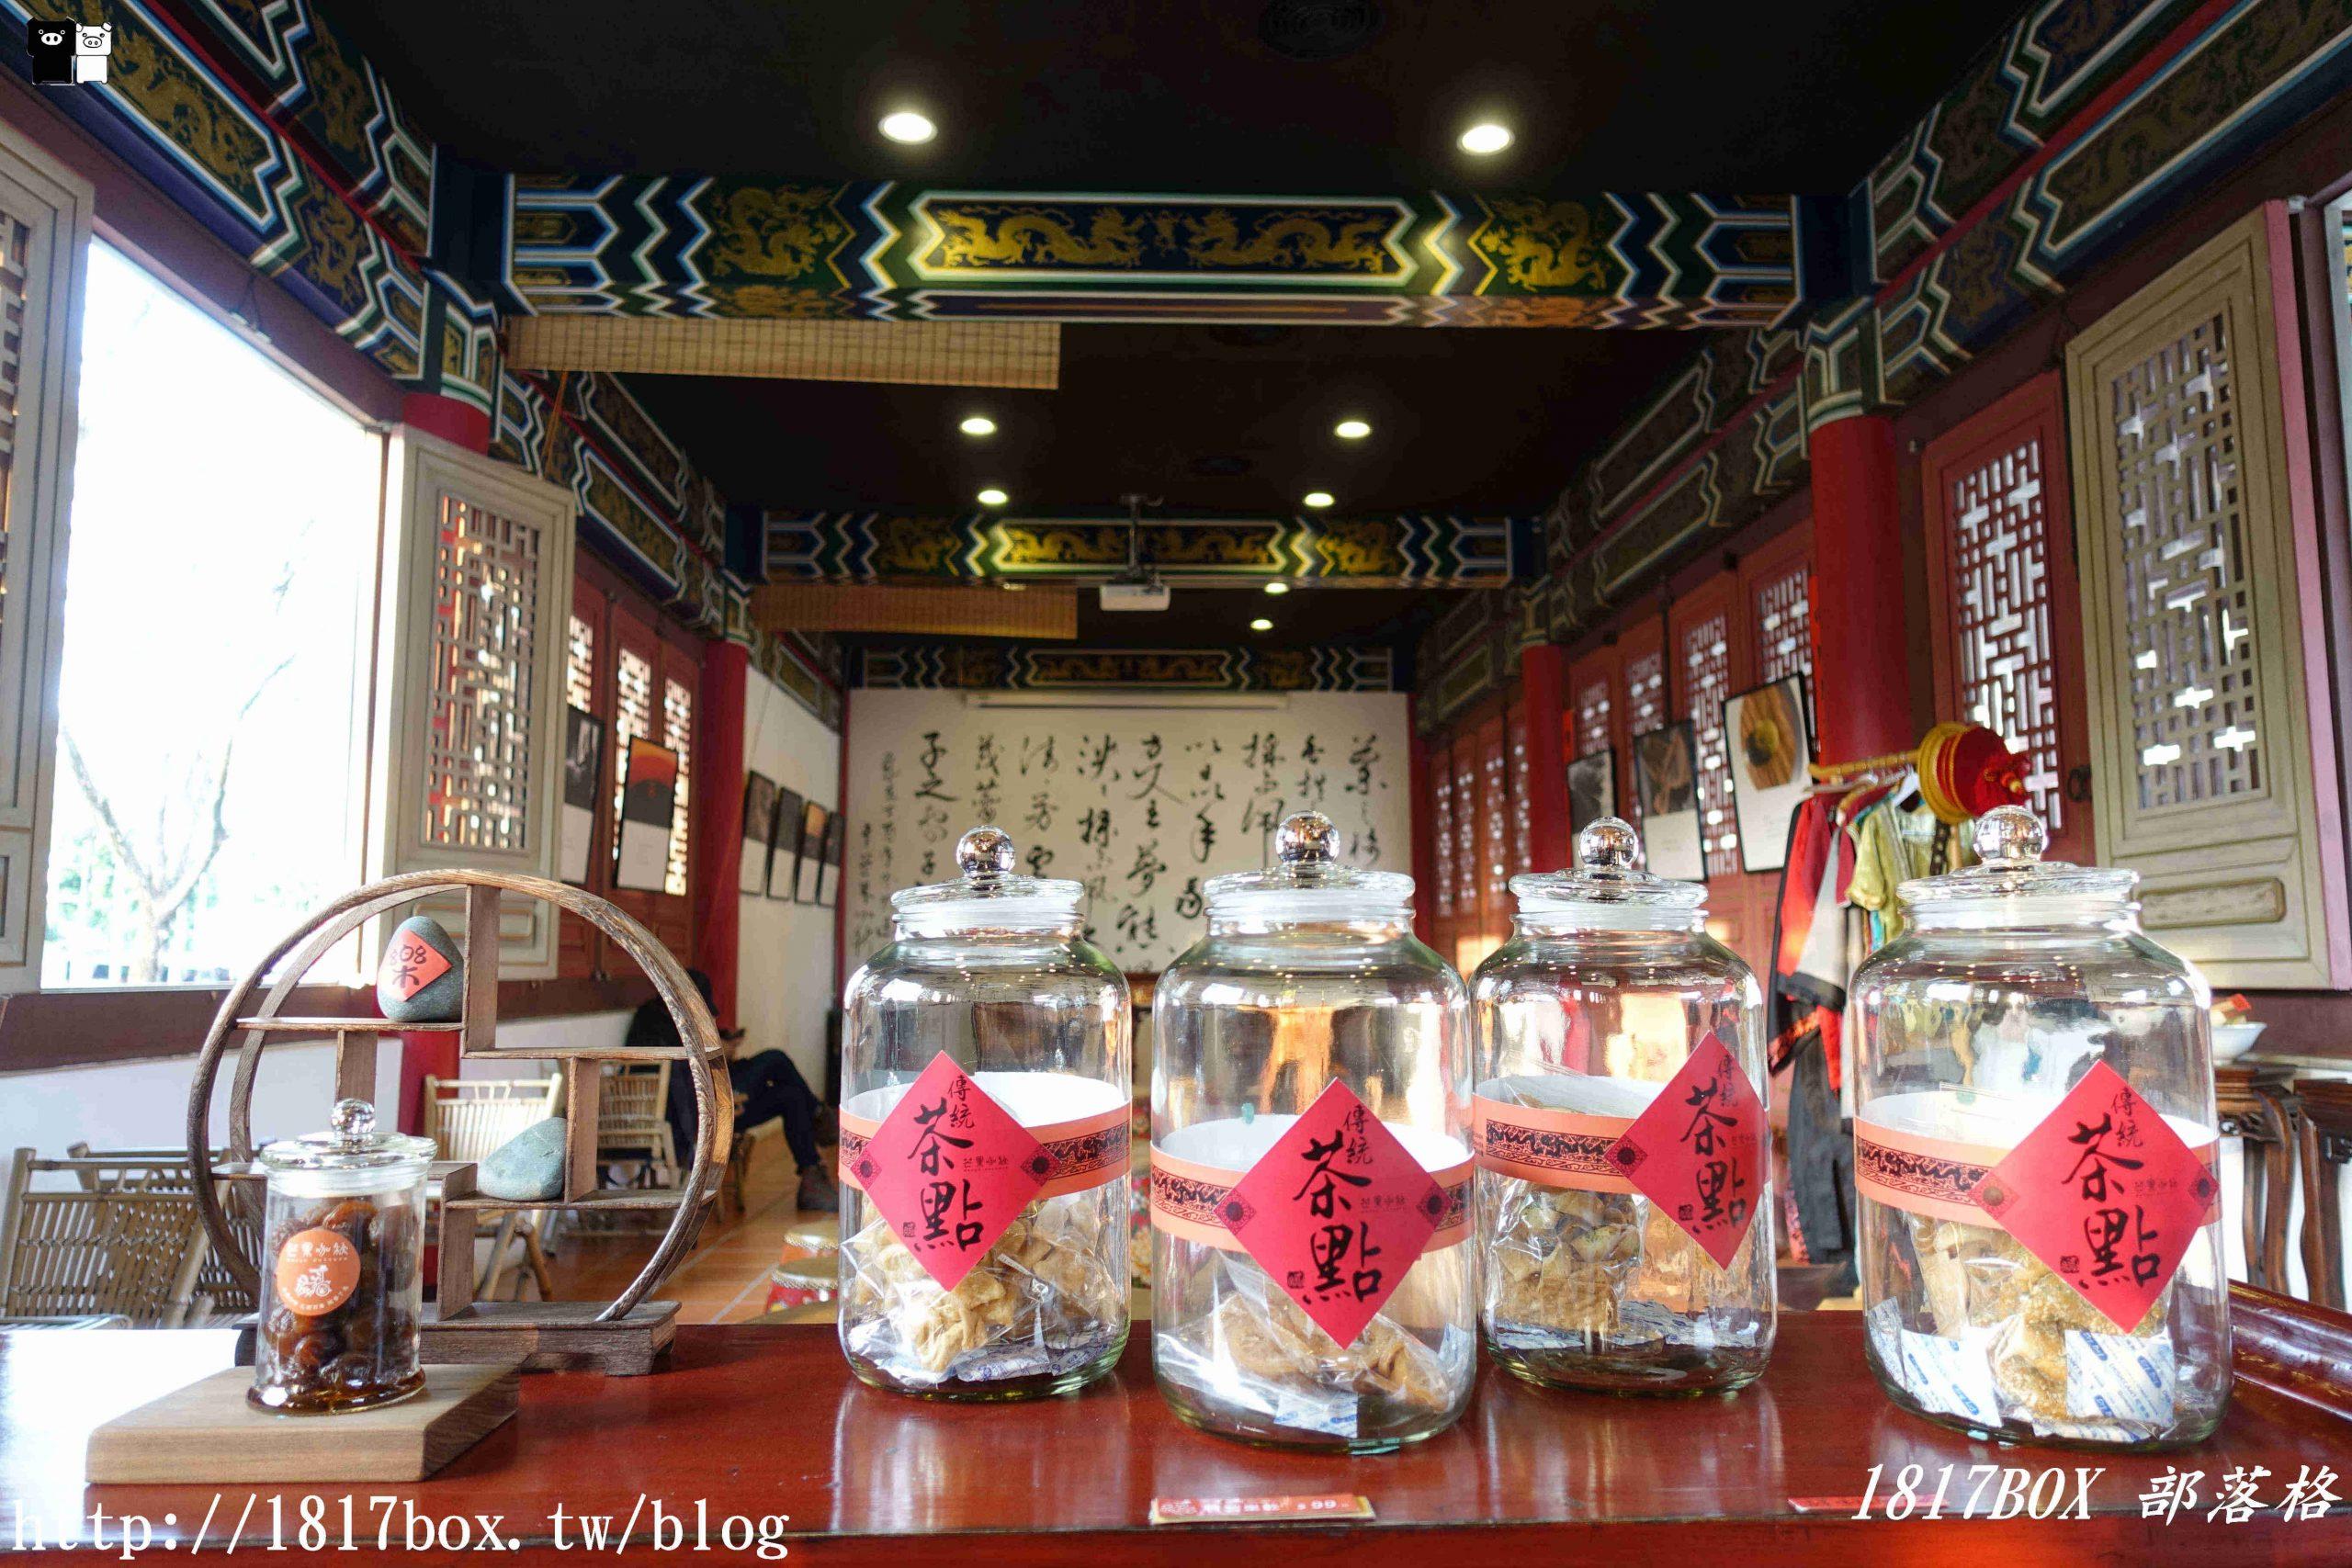 【高雄。左營】在孔廟裡喝咖啡。芒果咖秋。高雄孔廟-西廡 @1817BOX部落格